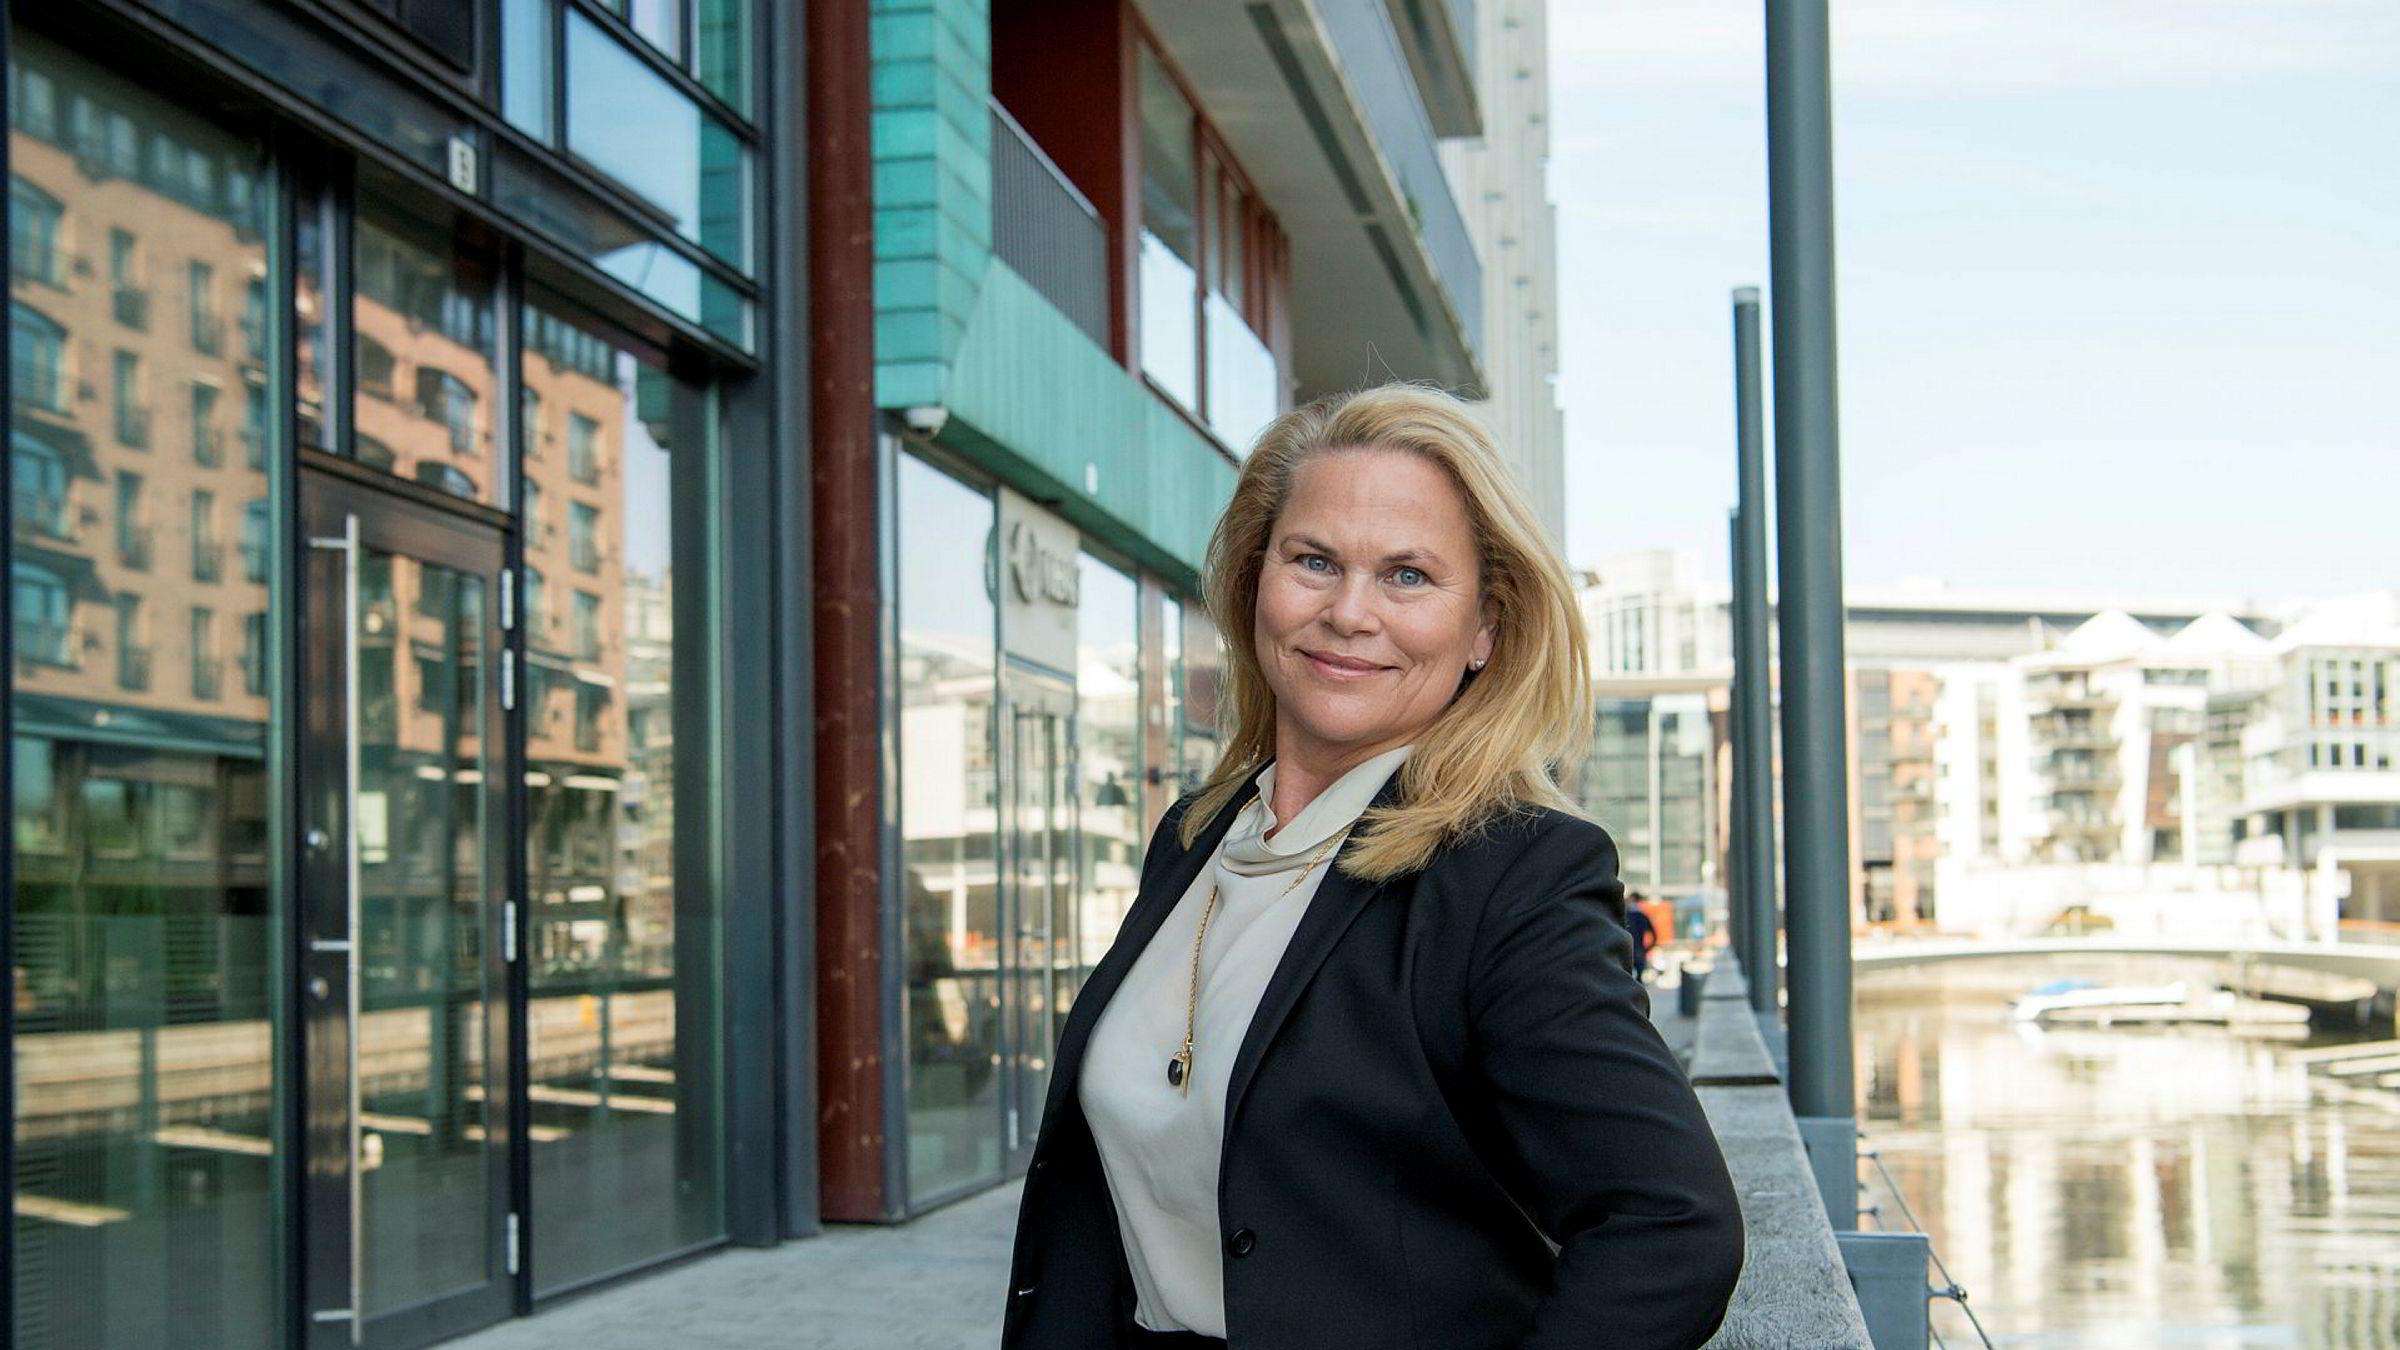 Andelen kvinner på toppen i norsk næringsliv er så lav at næringslivstopp Linda Bernander Silseth i mandagens DN sa hun ikke forstår at toppsjefer og styreledere tør drive en virksomhet uten mangfold i ledergruppen.